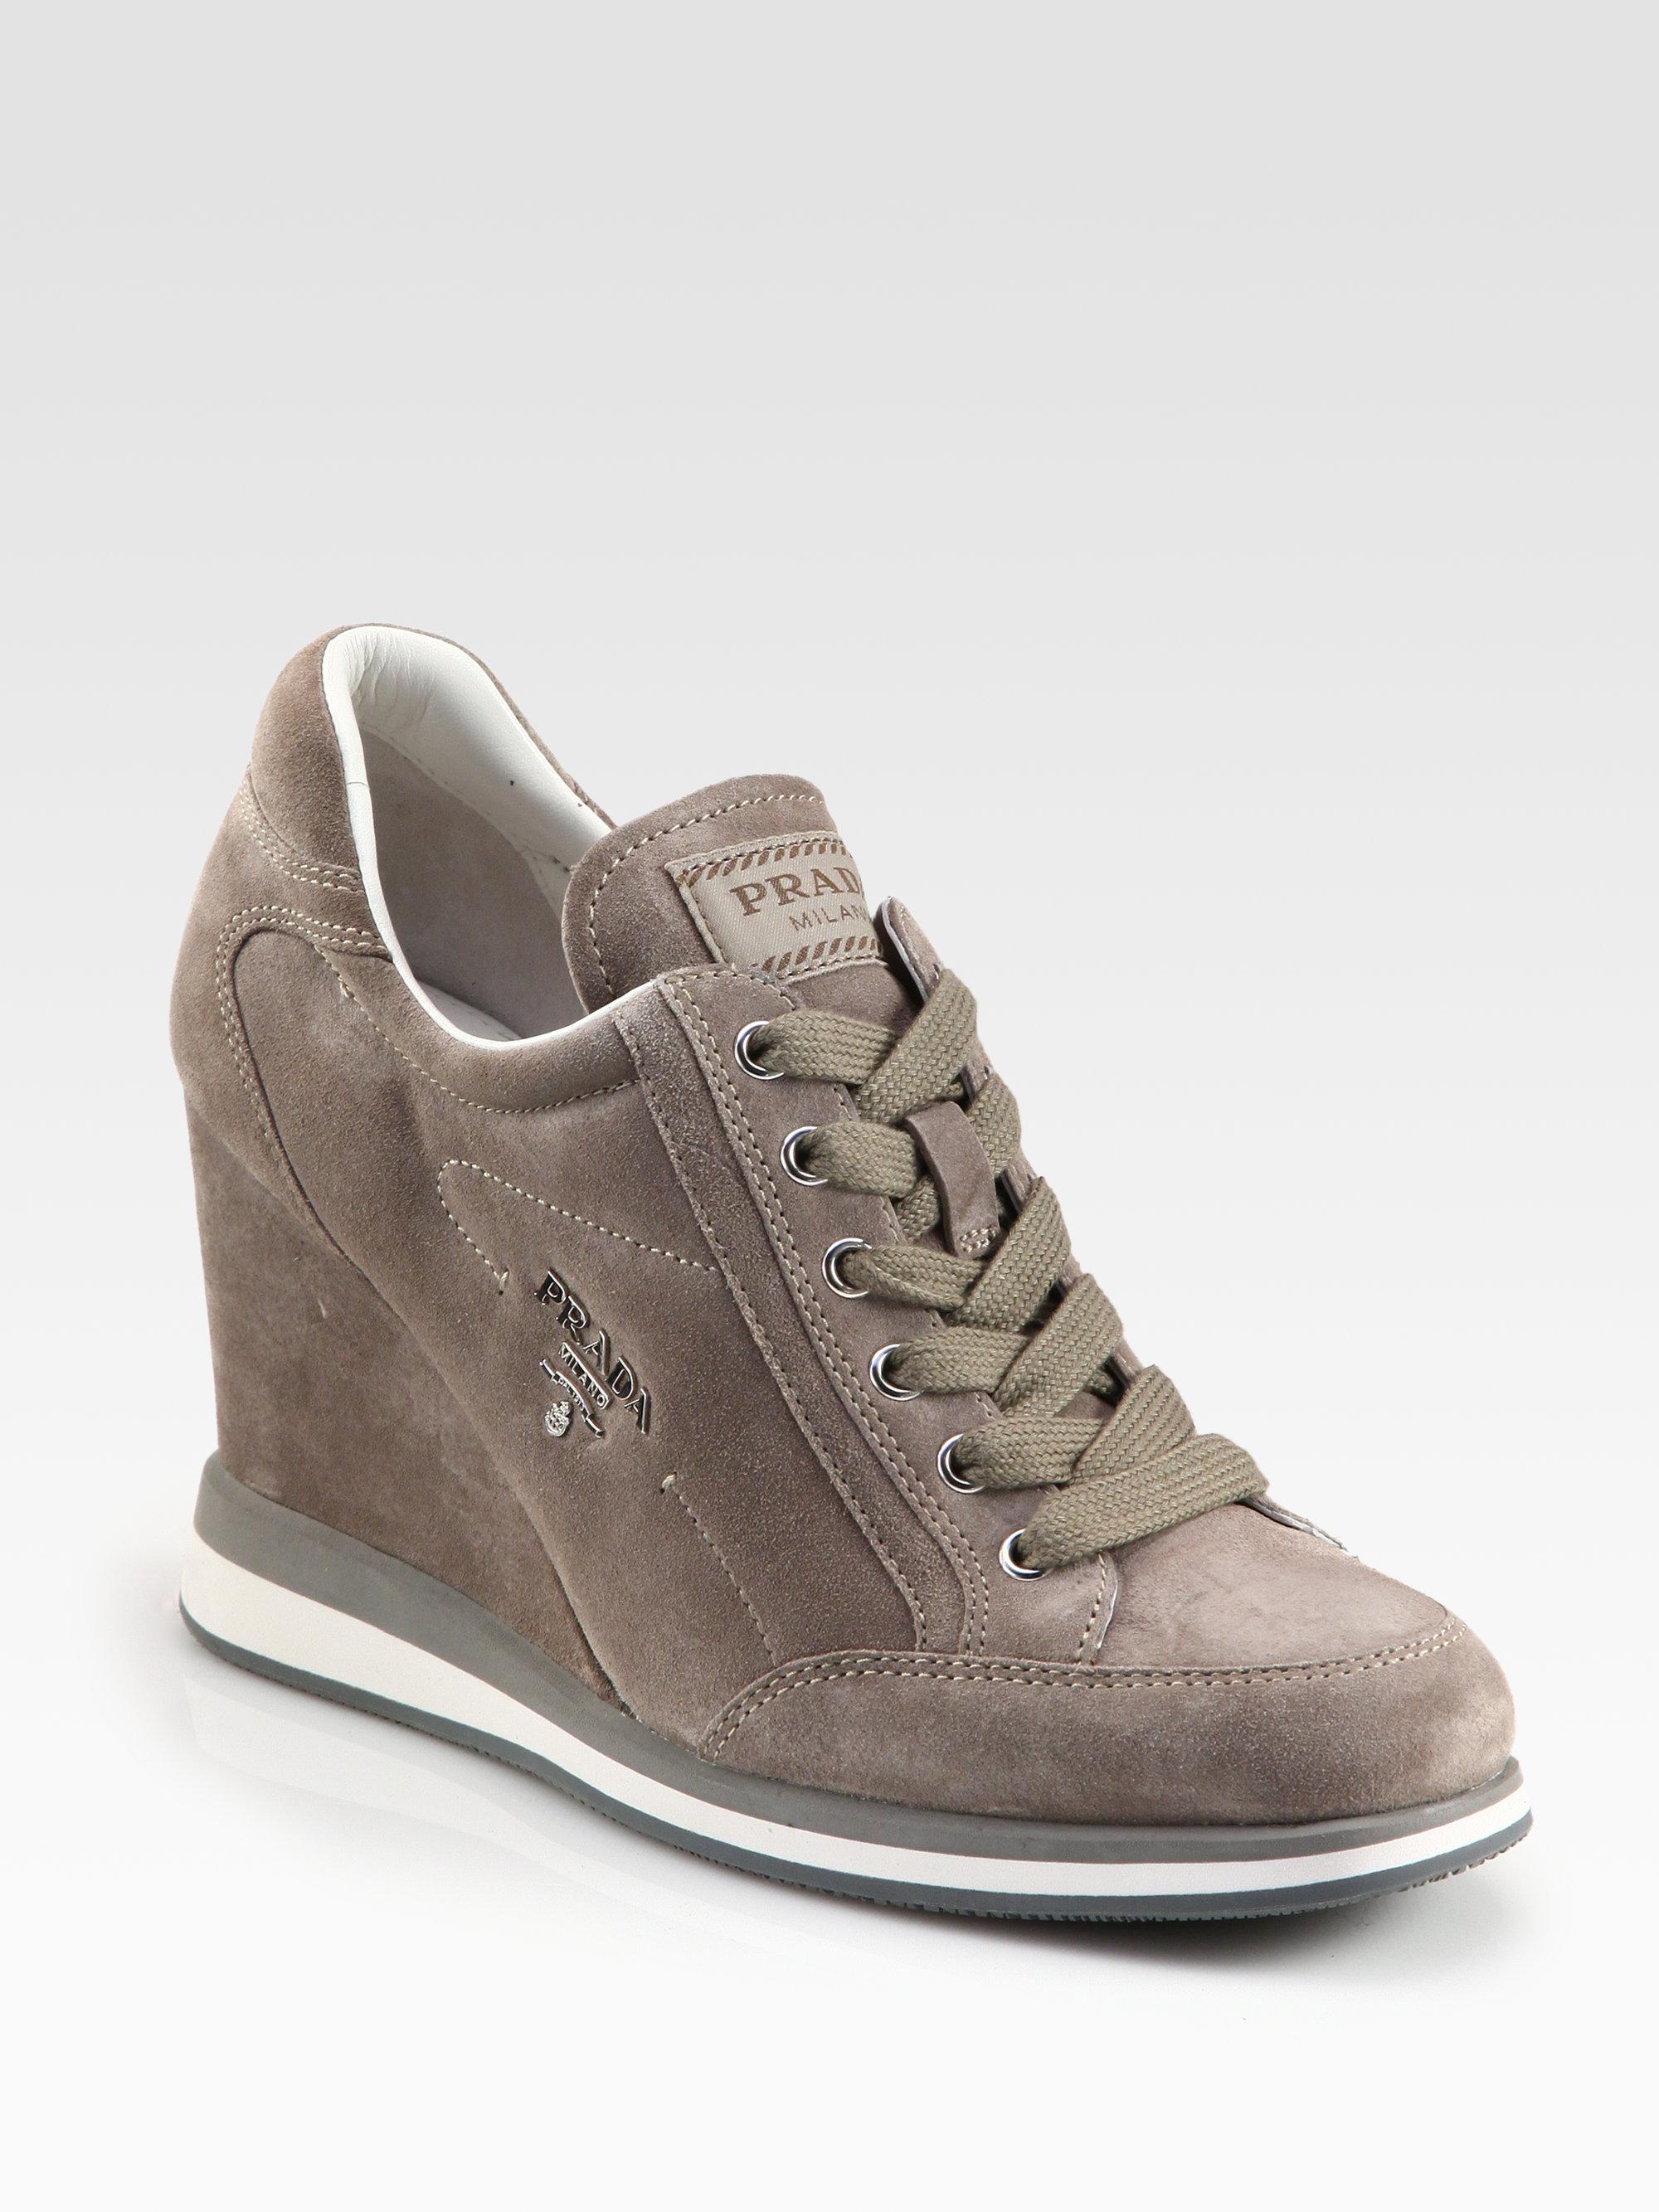 5171666f3c90 Lyst - Prada Suede Wedge Sneakers in Gray